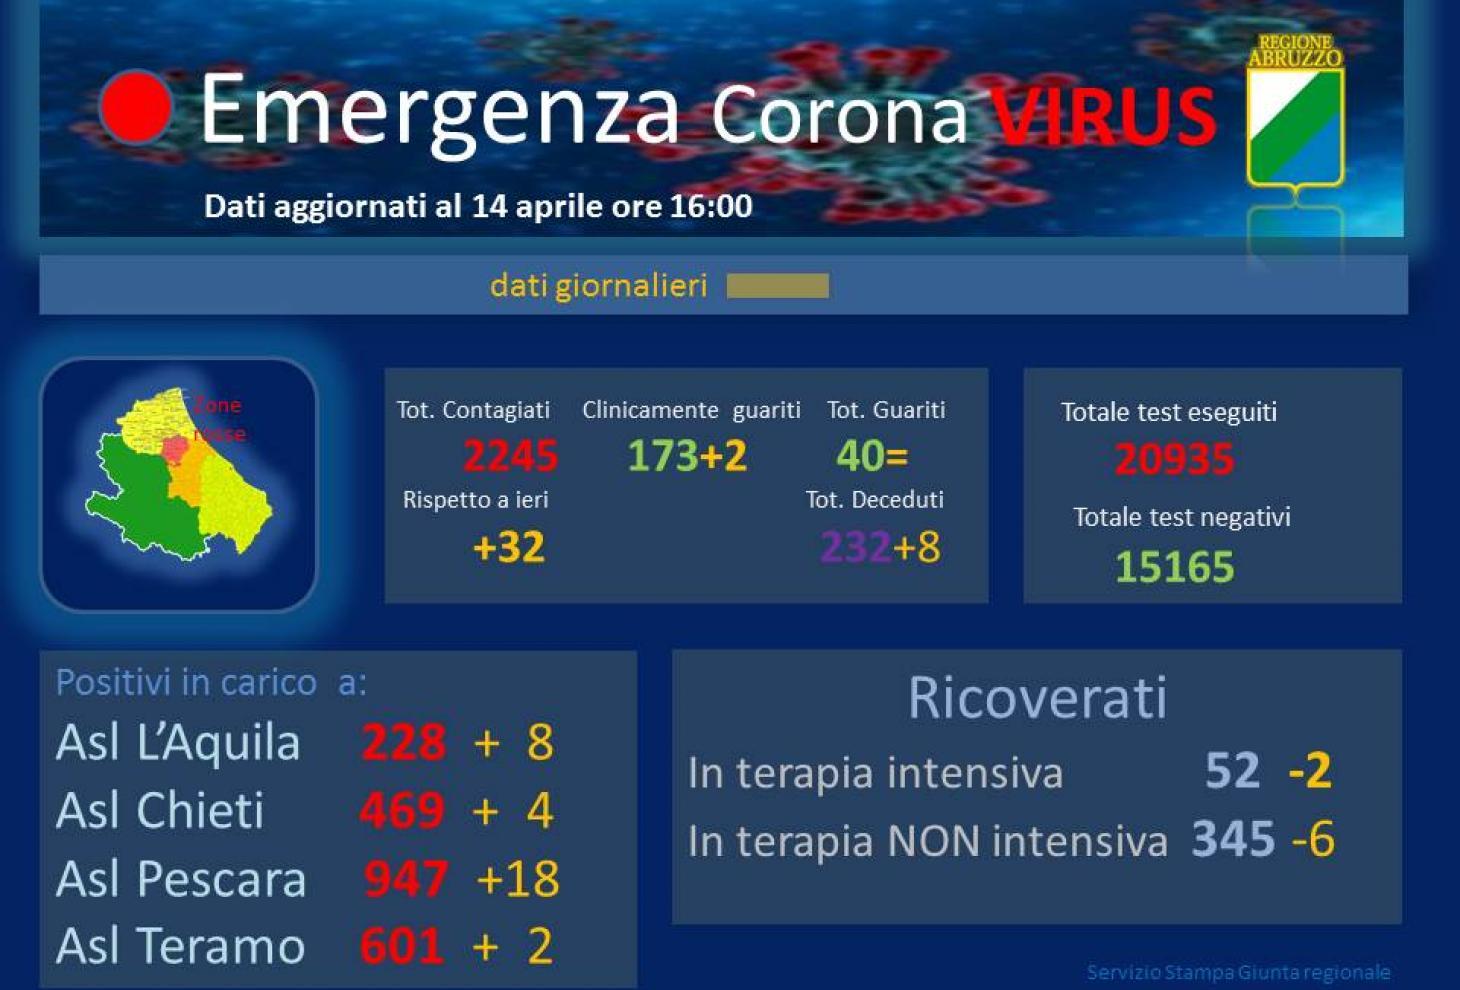 Coronavirus: Abruzzo, casi positivi a 2245, si registra un aumento di 32